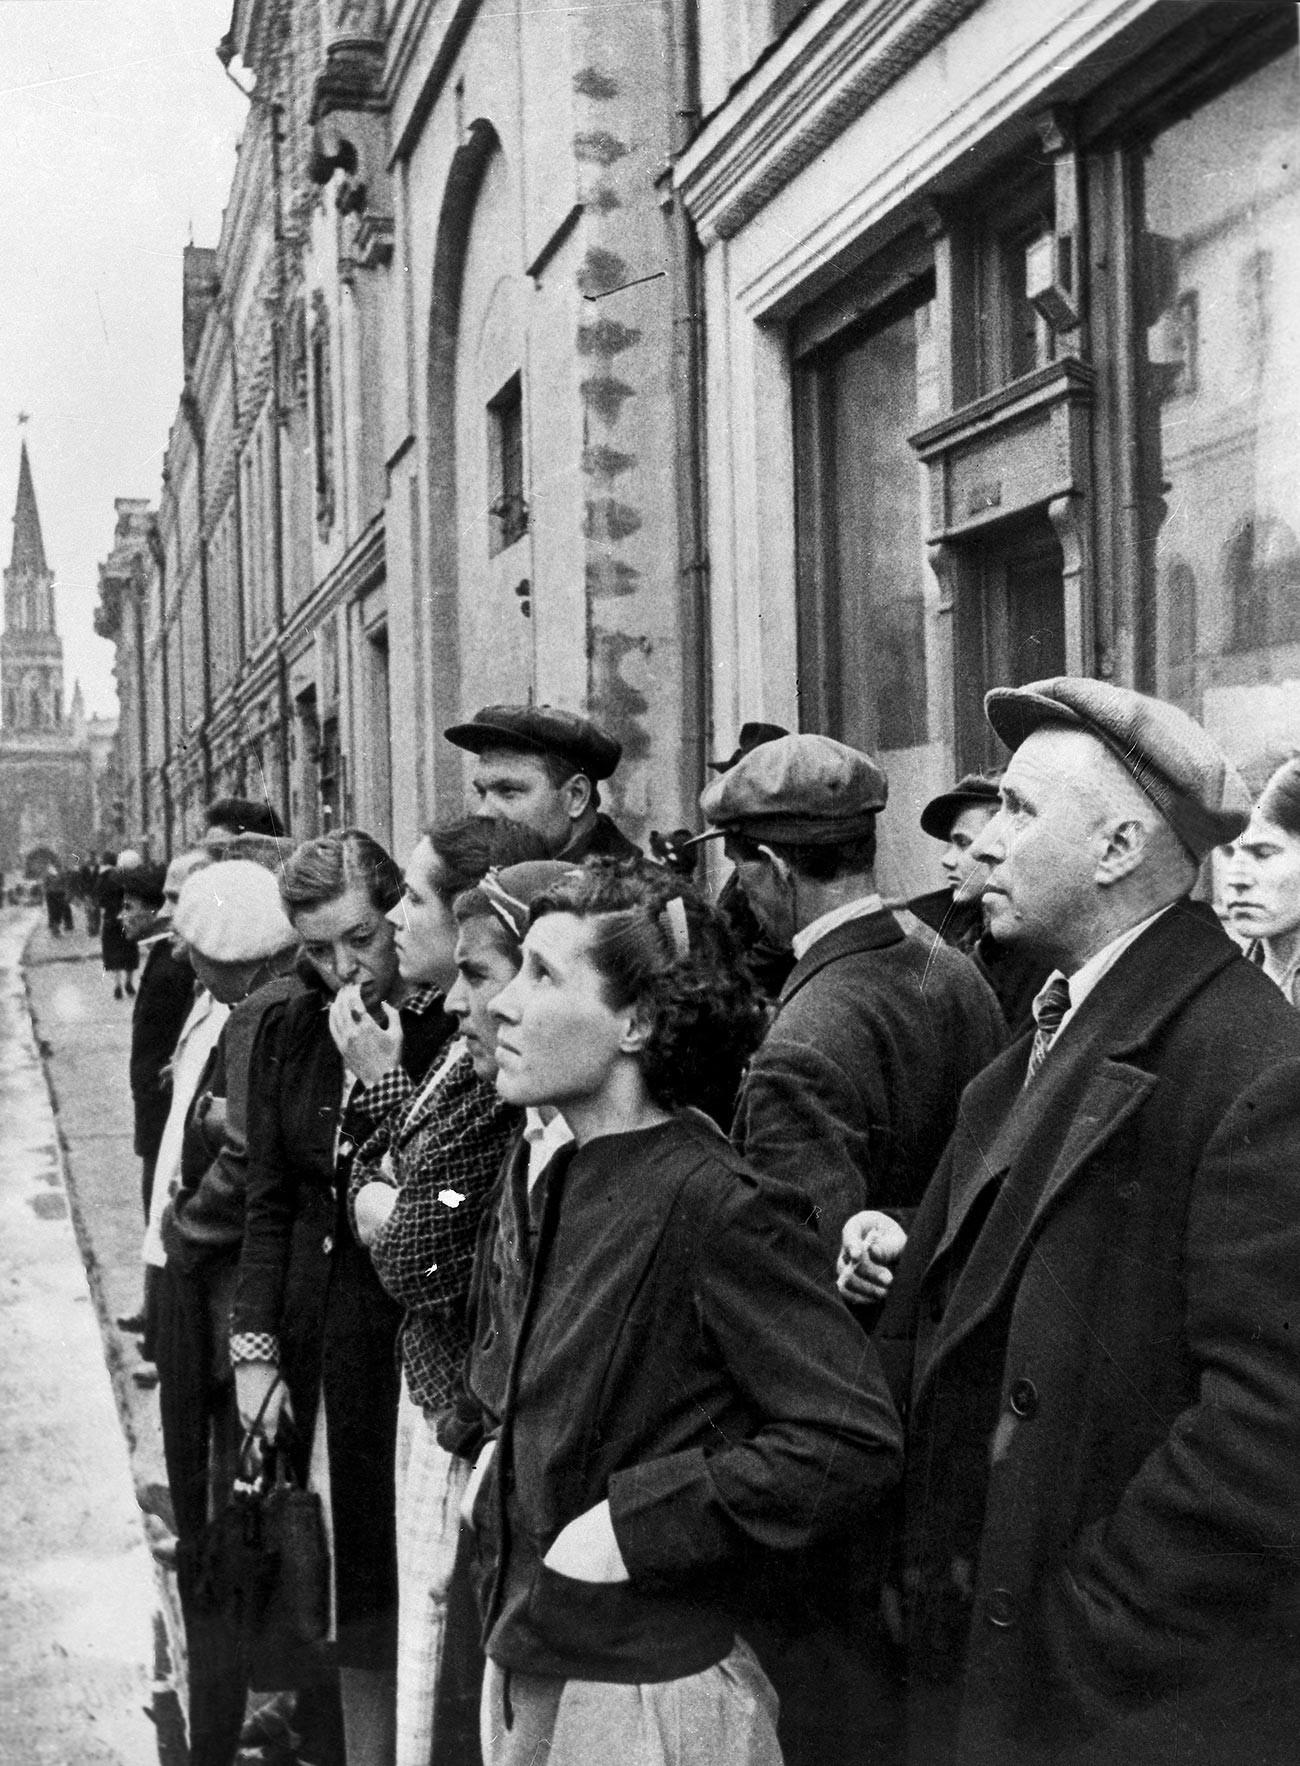 Die Bewohner Moskaus hören der Rundfunkansprache der Regierung anlässlich der Invasion durch Nazideutschland am 22. Juni 1941 zu.